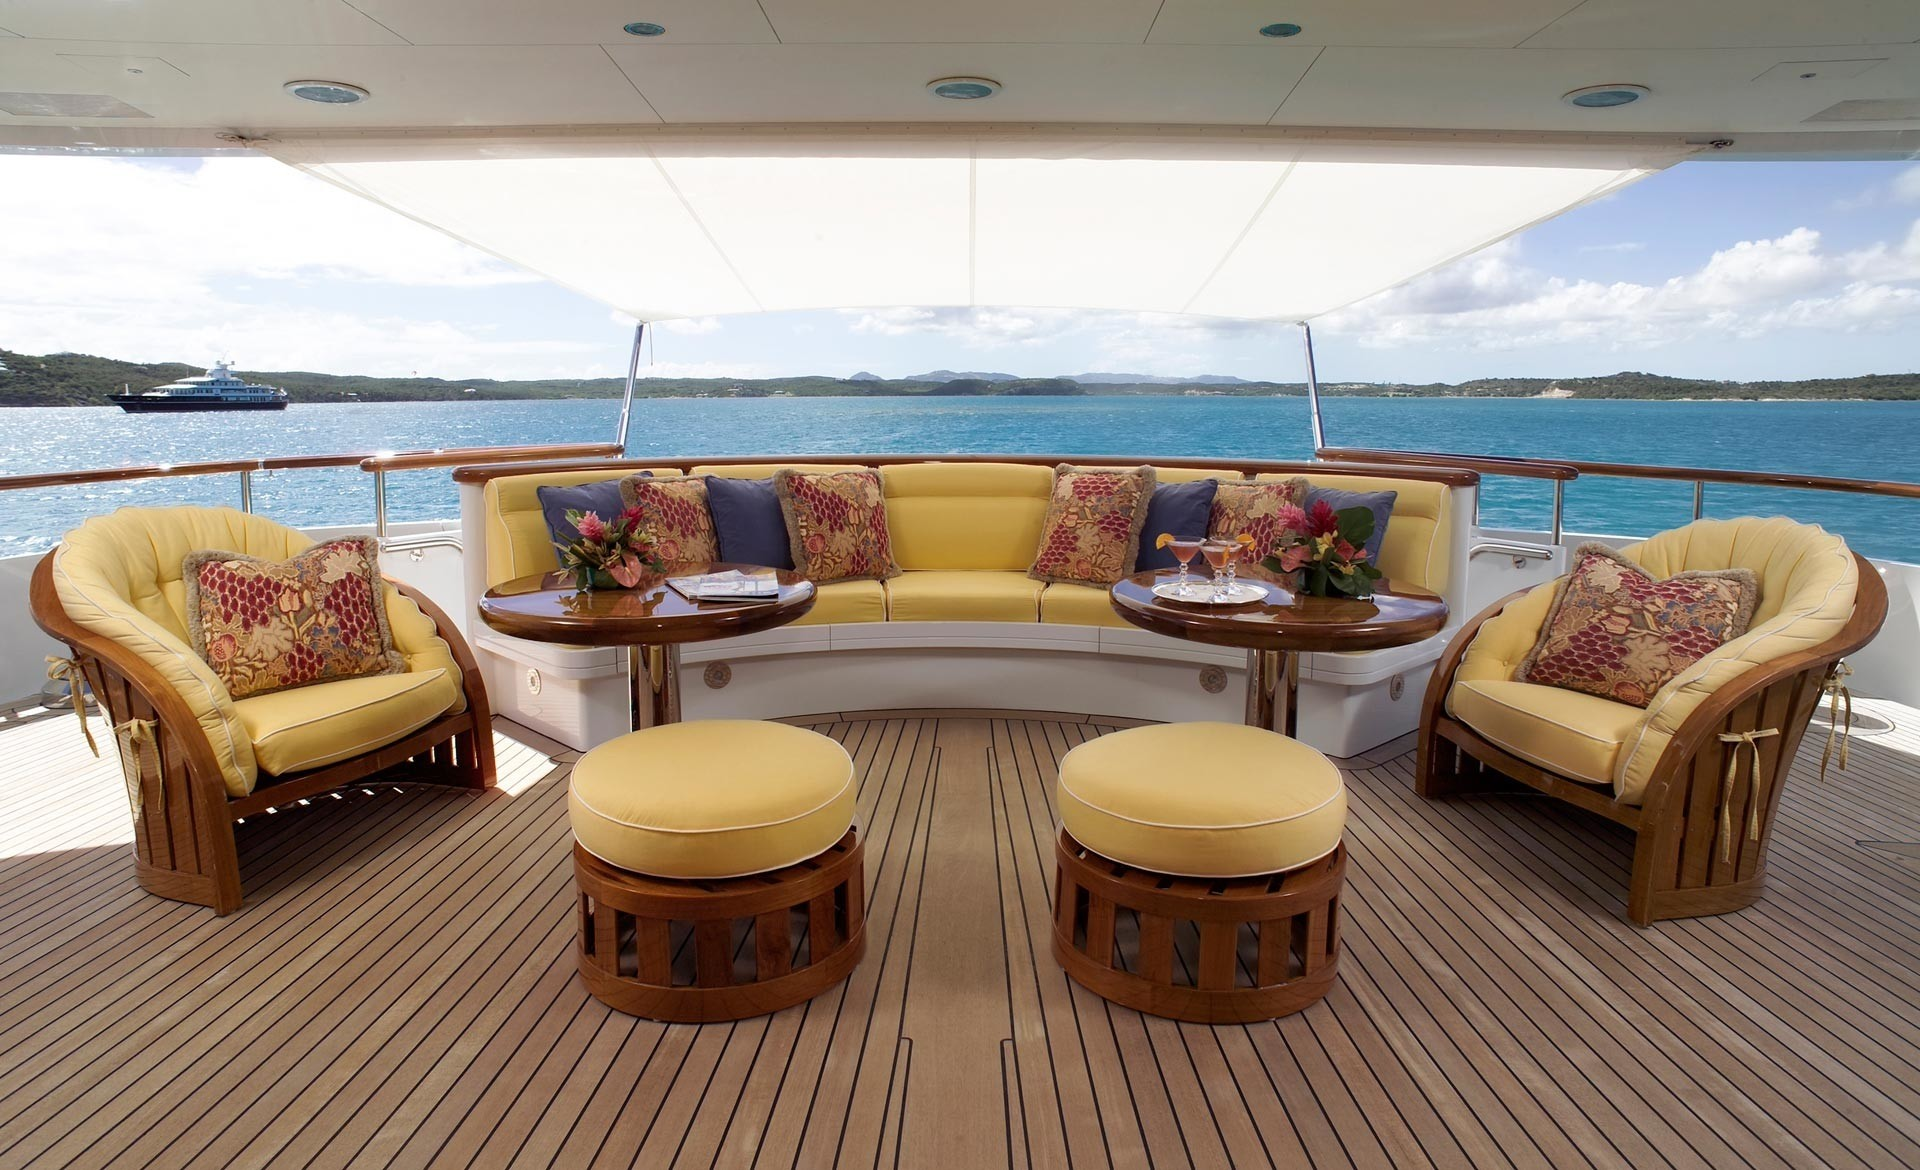 Premier Deck Aboard Yacht HUNTRESS II